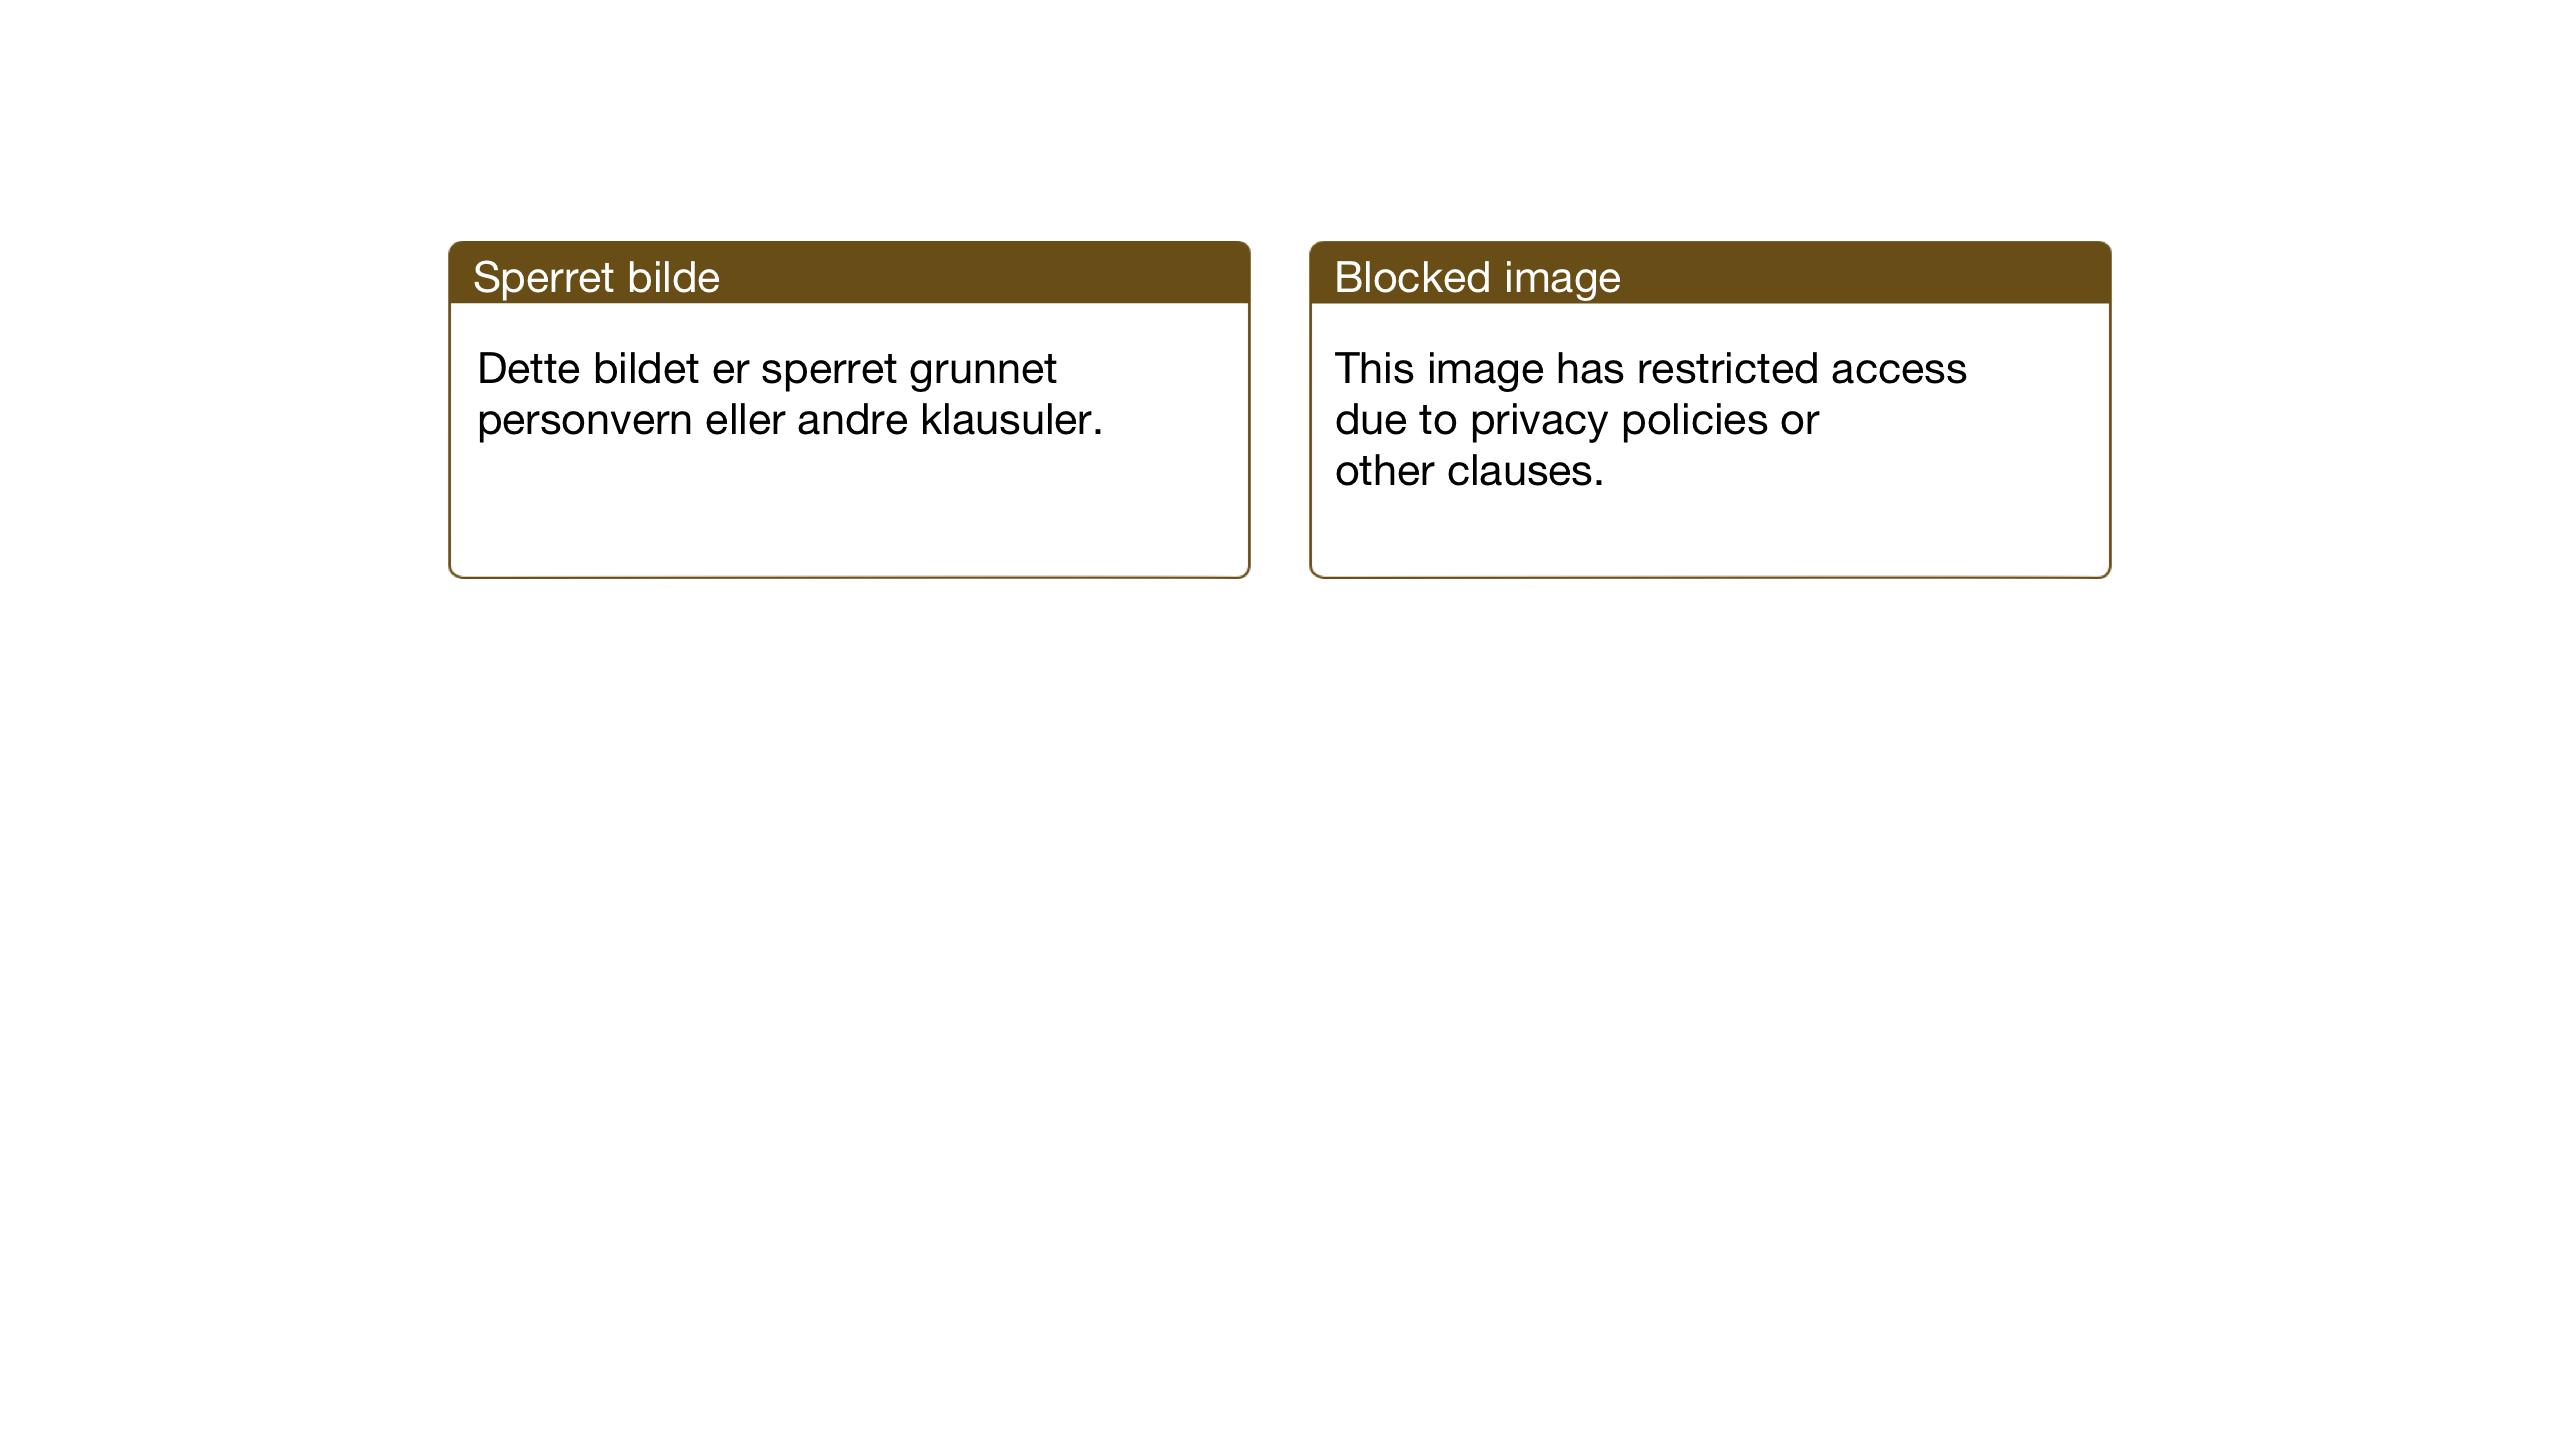 SAT, Ministerialprotokoller, klokkerbøker og fødselsregistre - Sør-Trøndelag, 674/L0878: Klokkerbok nr. 674C05, 1941-1950, s. 89